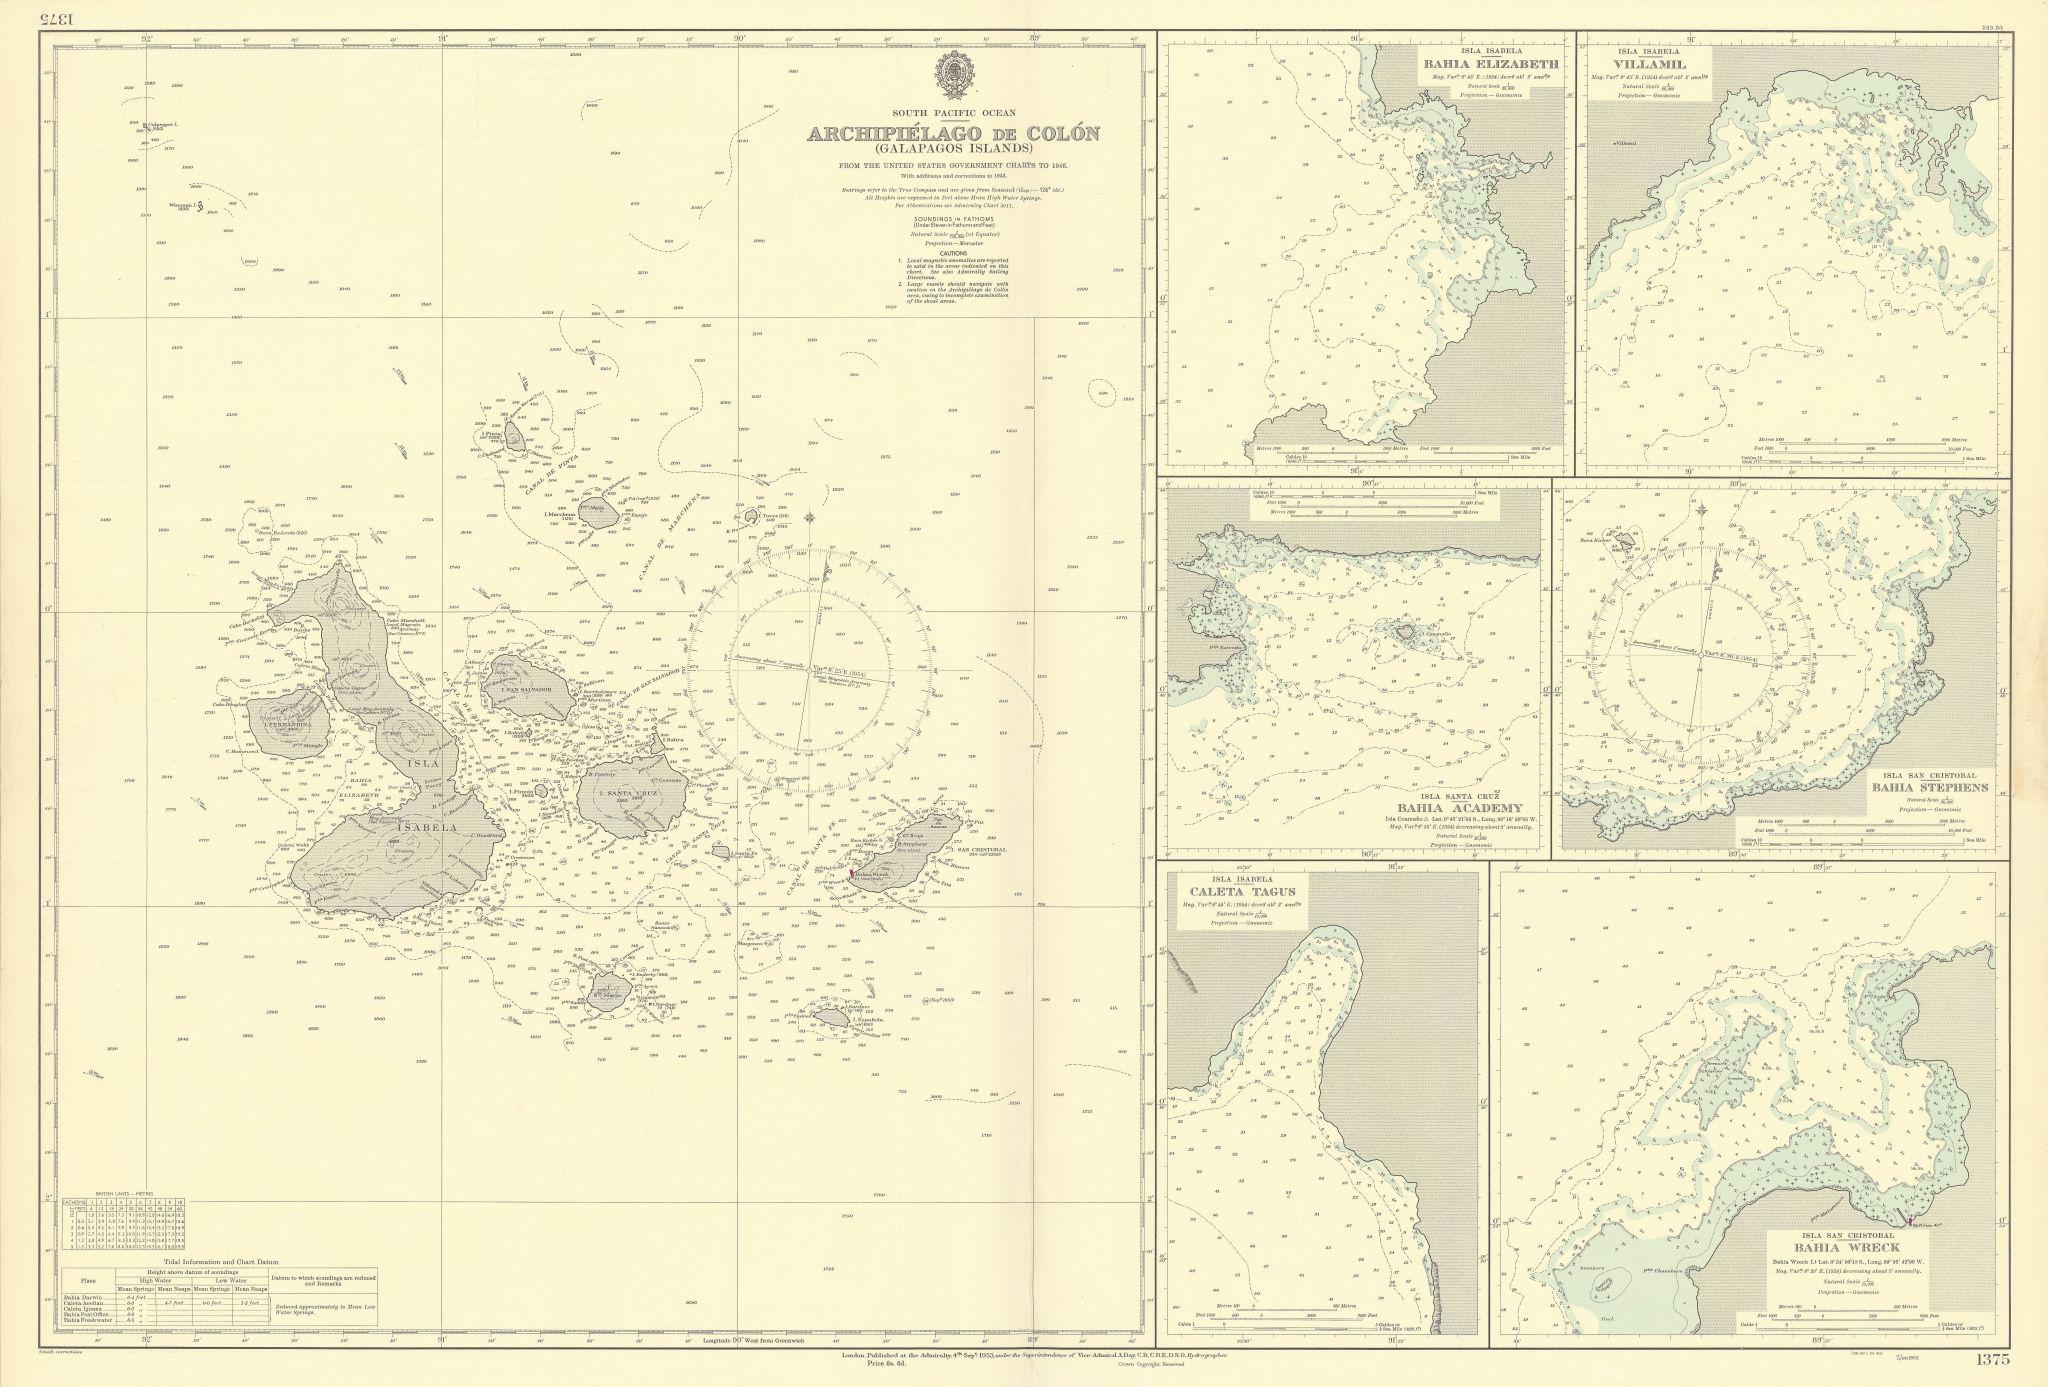 Archipiélago de Colón Galapagos Islands Anchorages. ADMIRALTY sea chart 1953 map